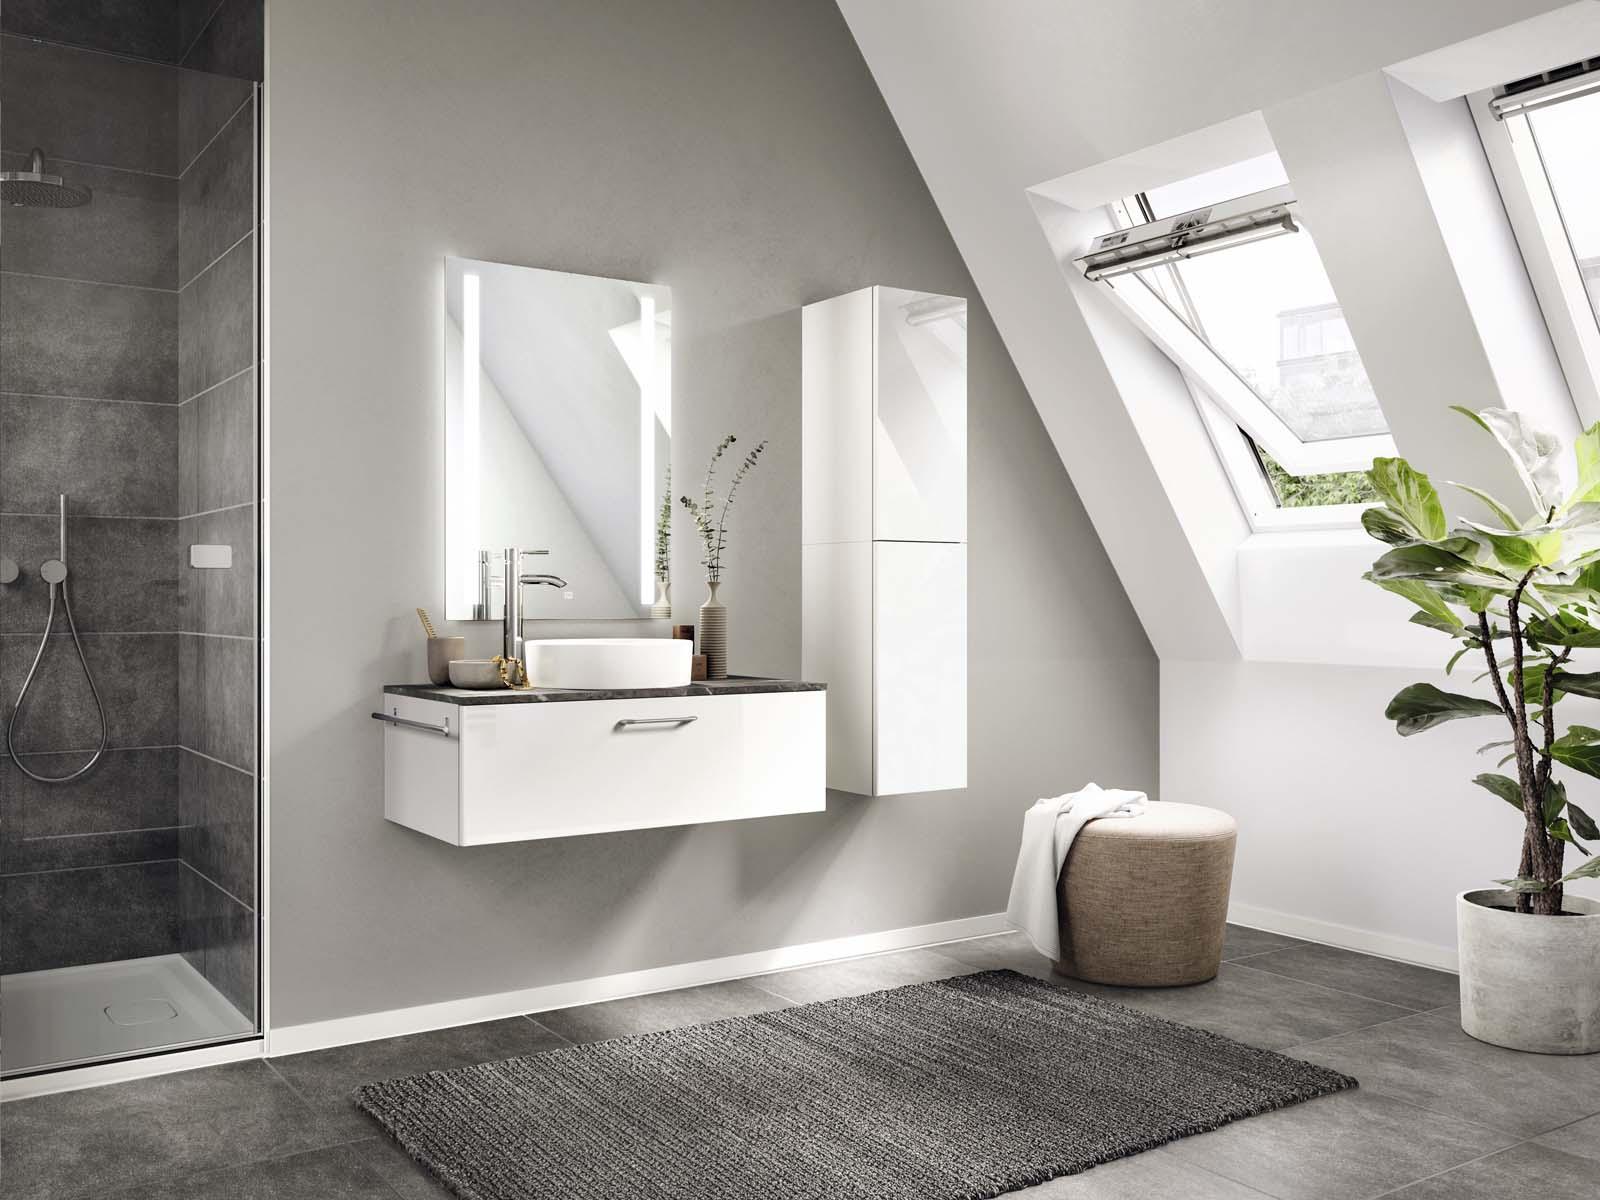 Küchentime Flash 503 - Bathroom